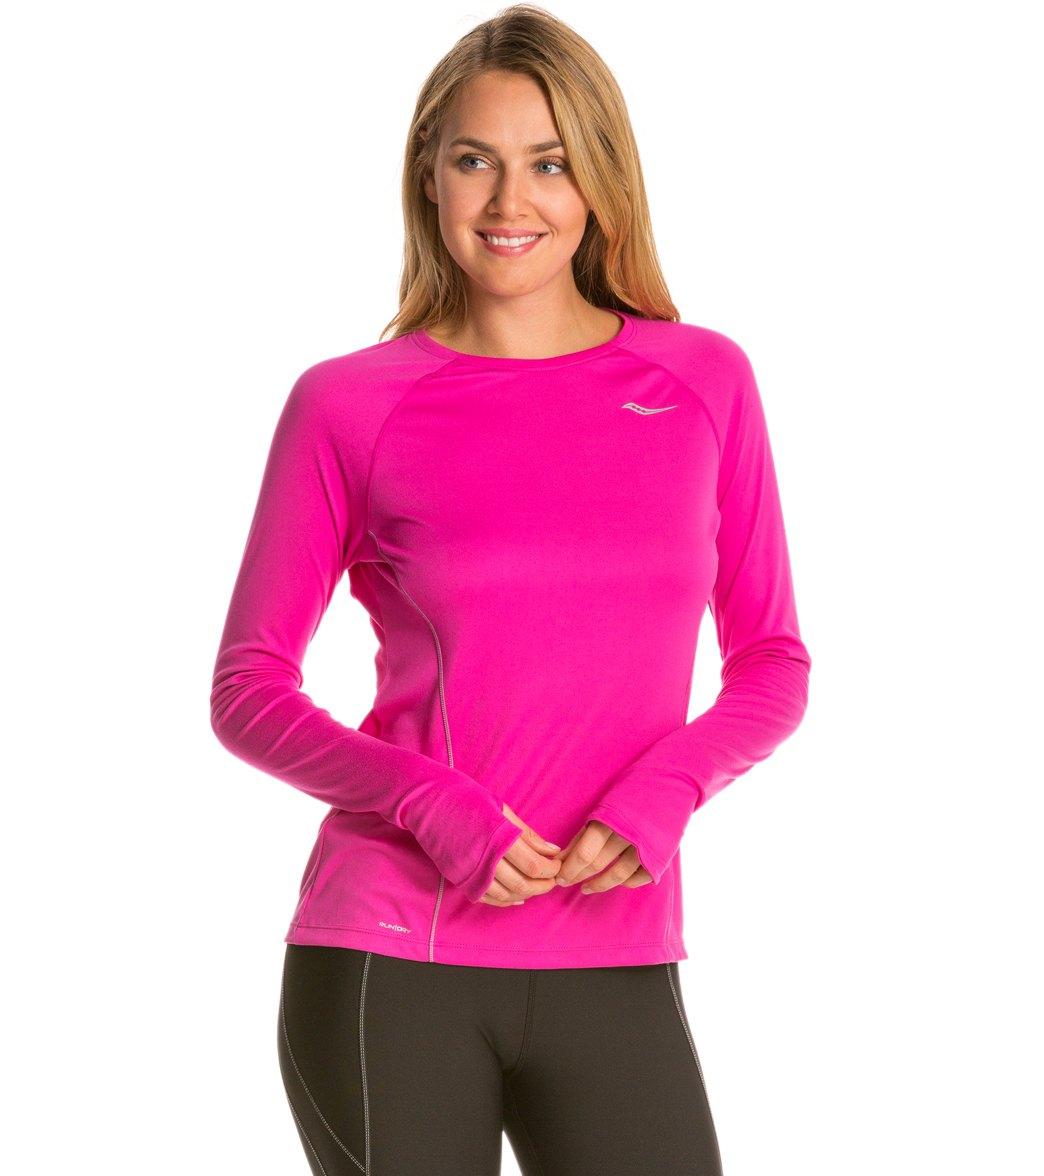 300928d8d3 Saucony Women's Velocity Running Long Sleeve